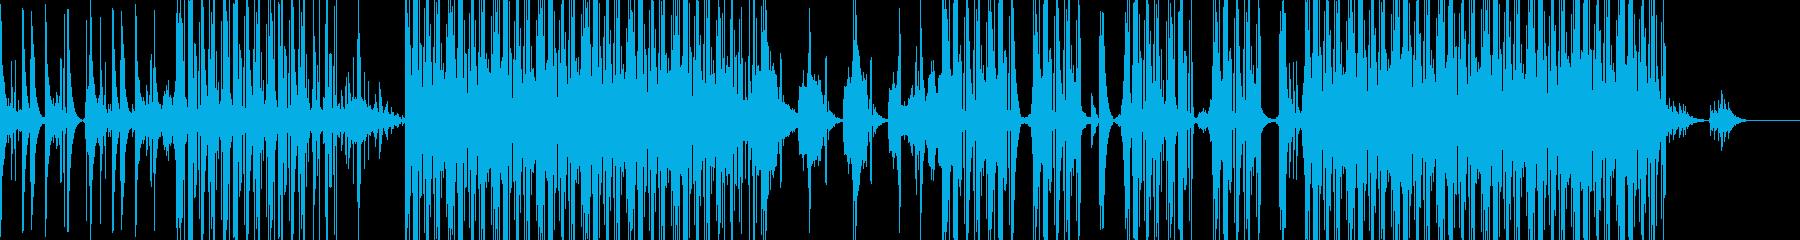 ヒップホップ研究所トラップスタイル...の再生済みの波形